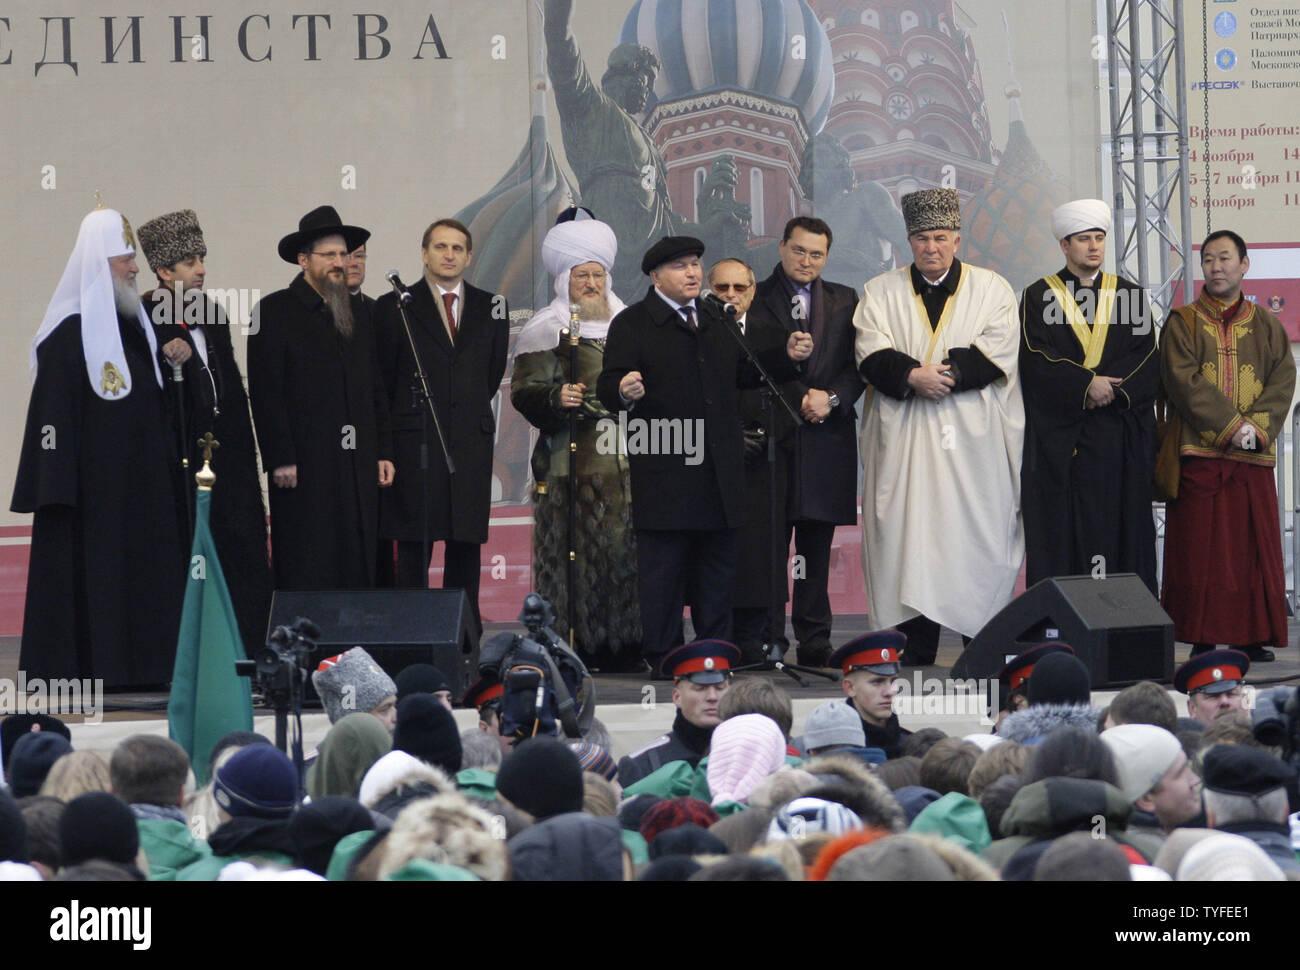 Russisch-orthodoxe Patriarch Kyrill (L) steht mit dem Russischen Lubavitch Juden Rabbiner Berl Lazar (3 L) und die verschiedenen Land religiöse Führer, wie sie ausserhalb der Rote Platz in Moskau während einer Prozession nationalen Tag der deutschen Einheit am 4. November 2009 zu feiern, hören, Moskaus Bürgermeister Juri Luschkow (C). UPI/Anatoli Zhdanov Stockfoto